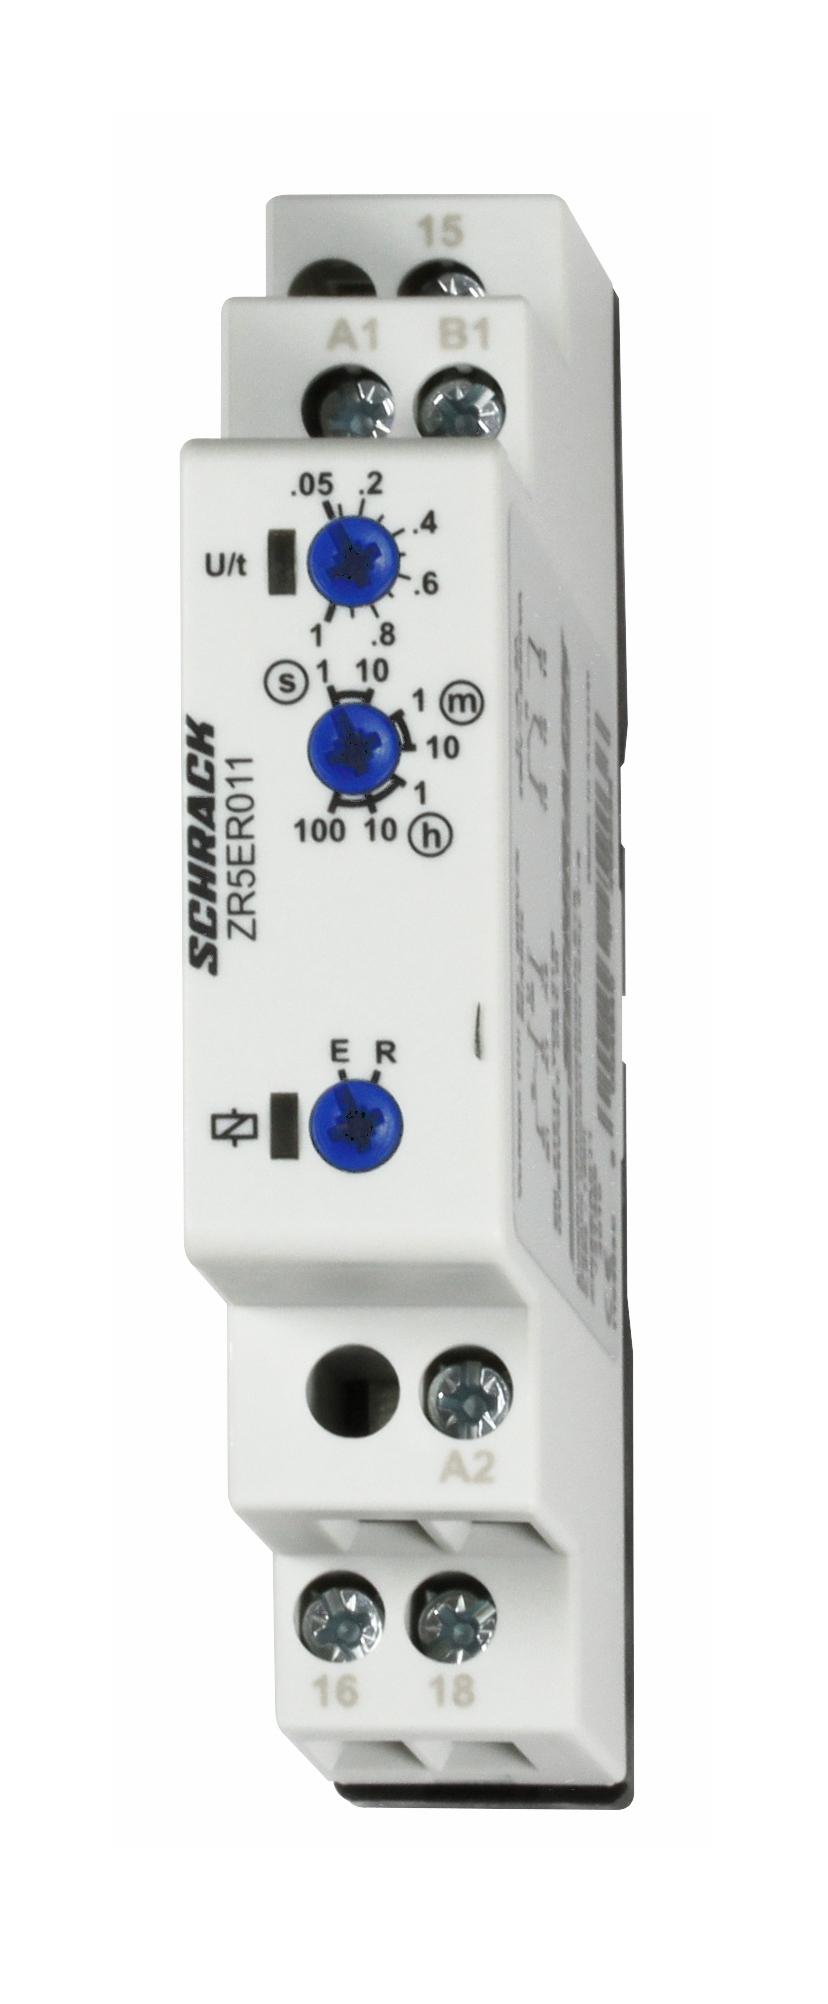 ZR5ER011 - Schrack Technik